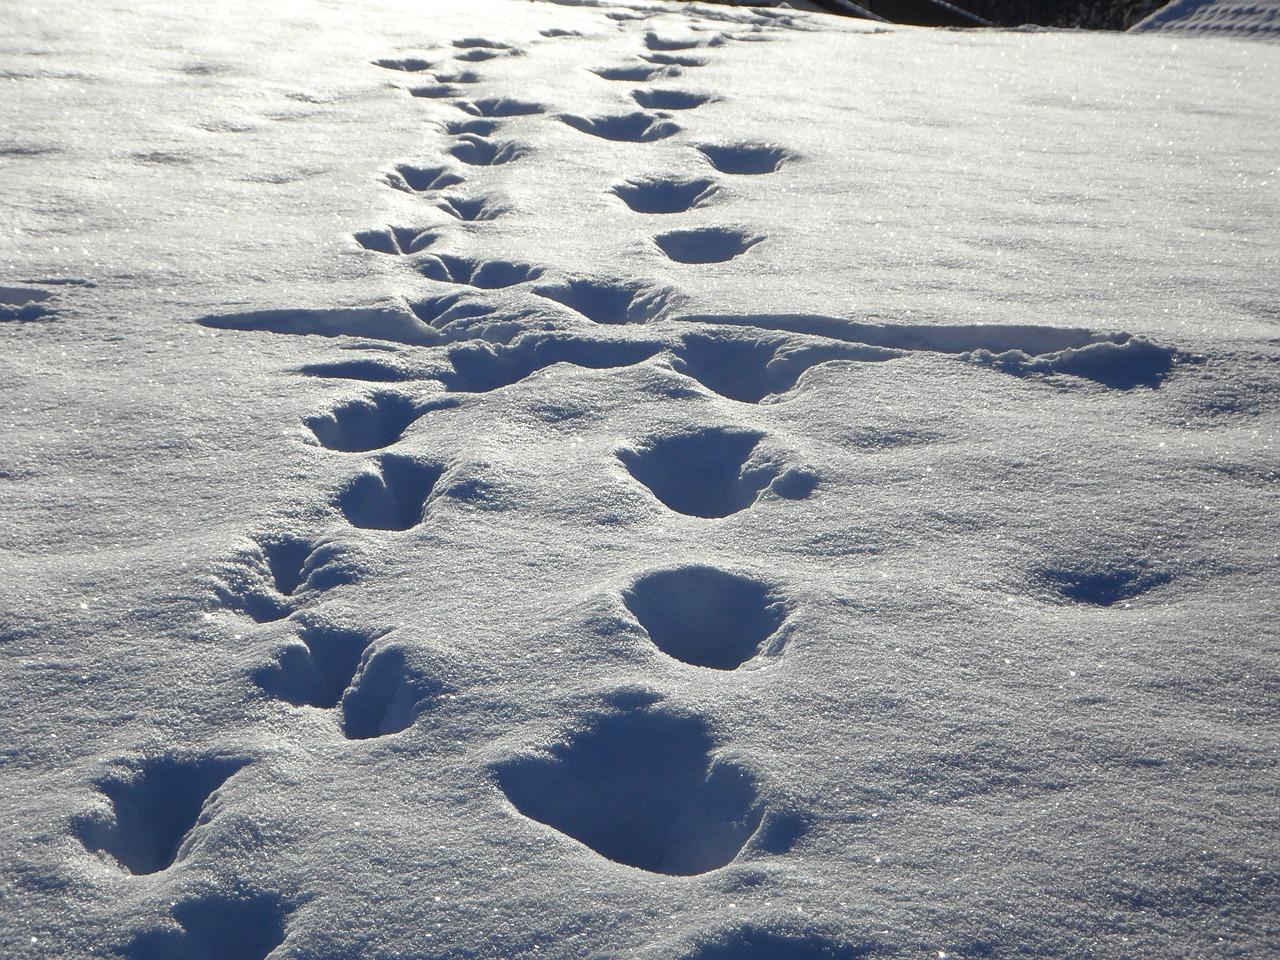 следы на снегу мужчины фото является